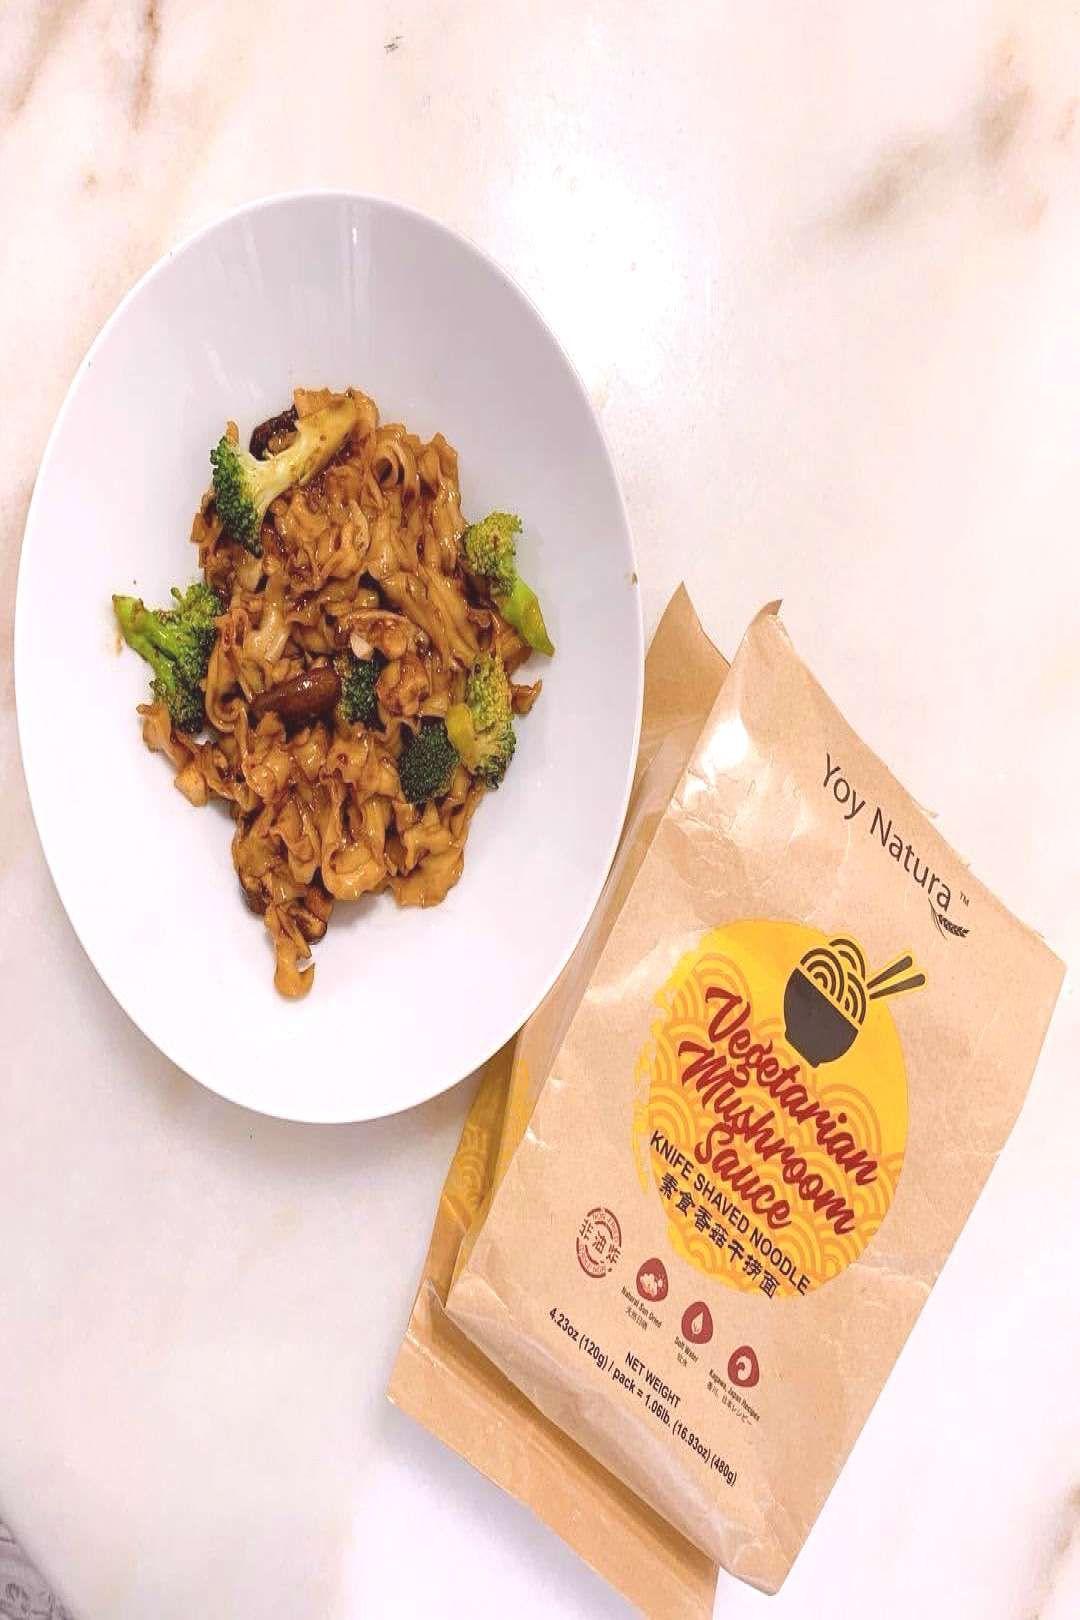 #pengalaman #vegetarian #nikmati #jamur #mari #coba #saus #kami #food #mie Mari coba Mie Saus Jamur Vegetarian kami. Nikmati pengalaman mie You can find Healthy vegan and more on our website.Mari coba Mie Saus Jamur Vegetarian kami. Nikm...